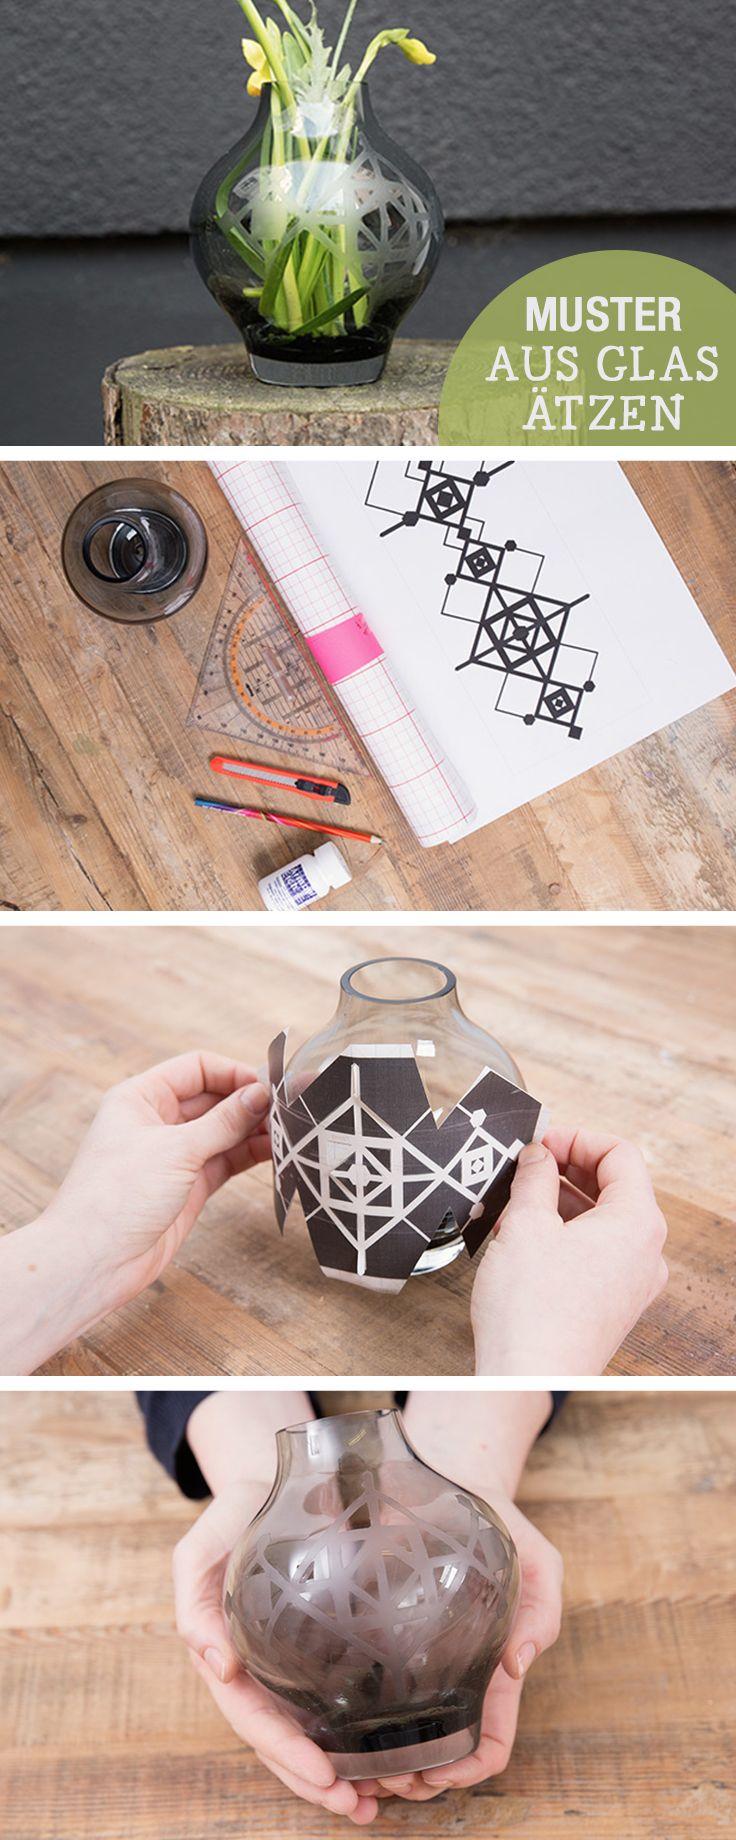 DIY - Anleitung: Glas mit Mustern ätzen, Wohndeko selbermachen / diy tutorial: etch glass with individual pattern via DaWanda.com